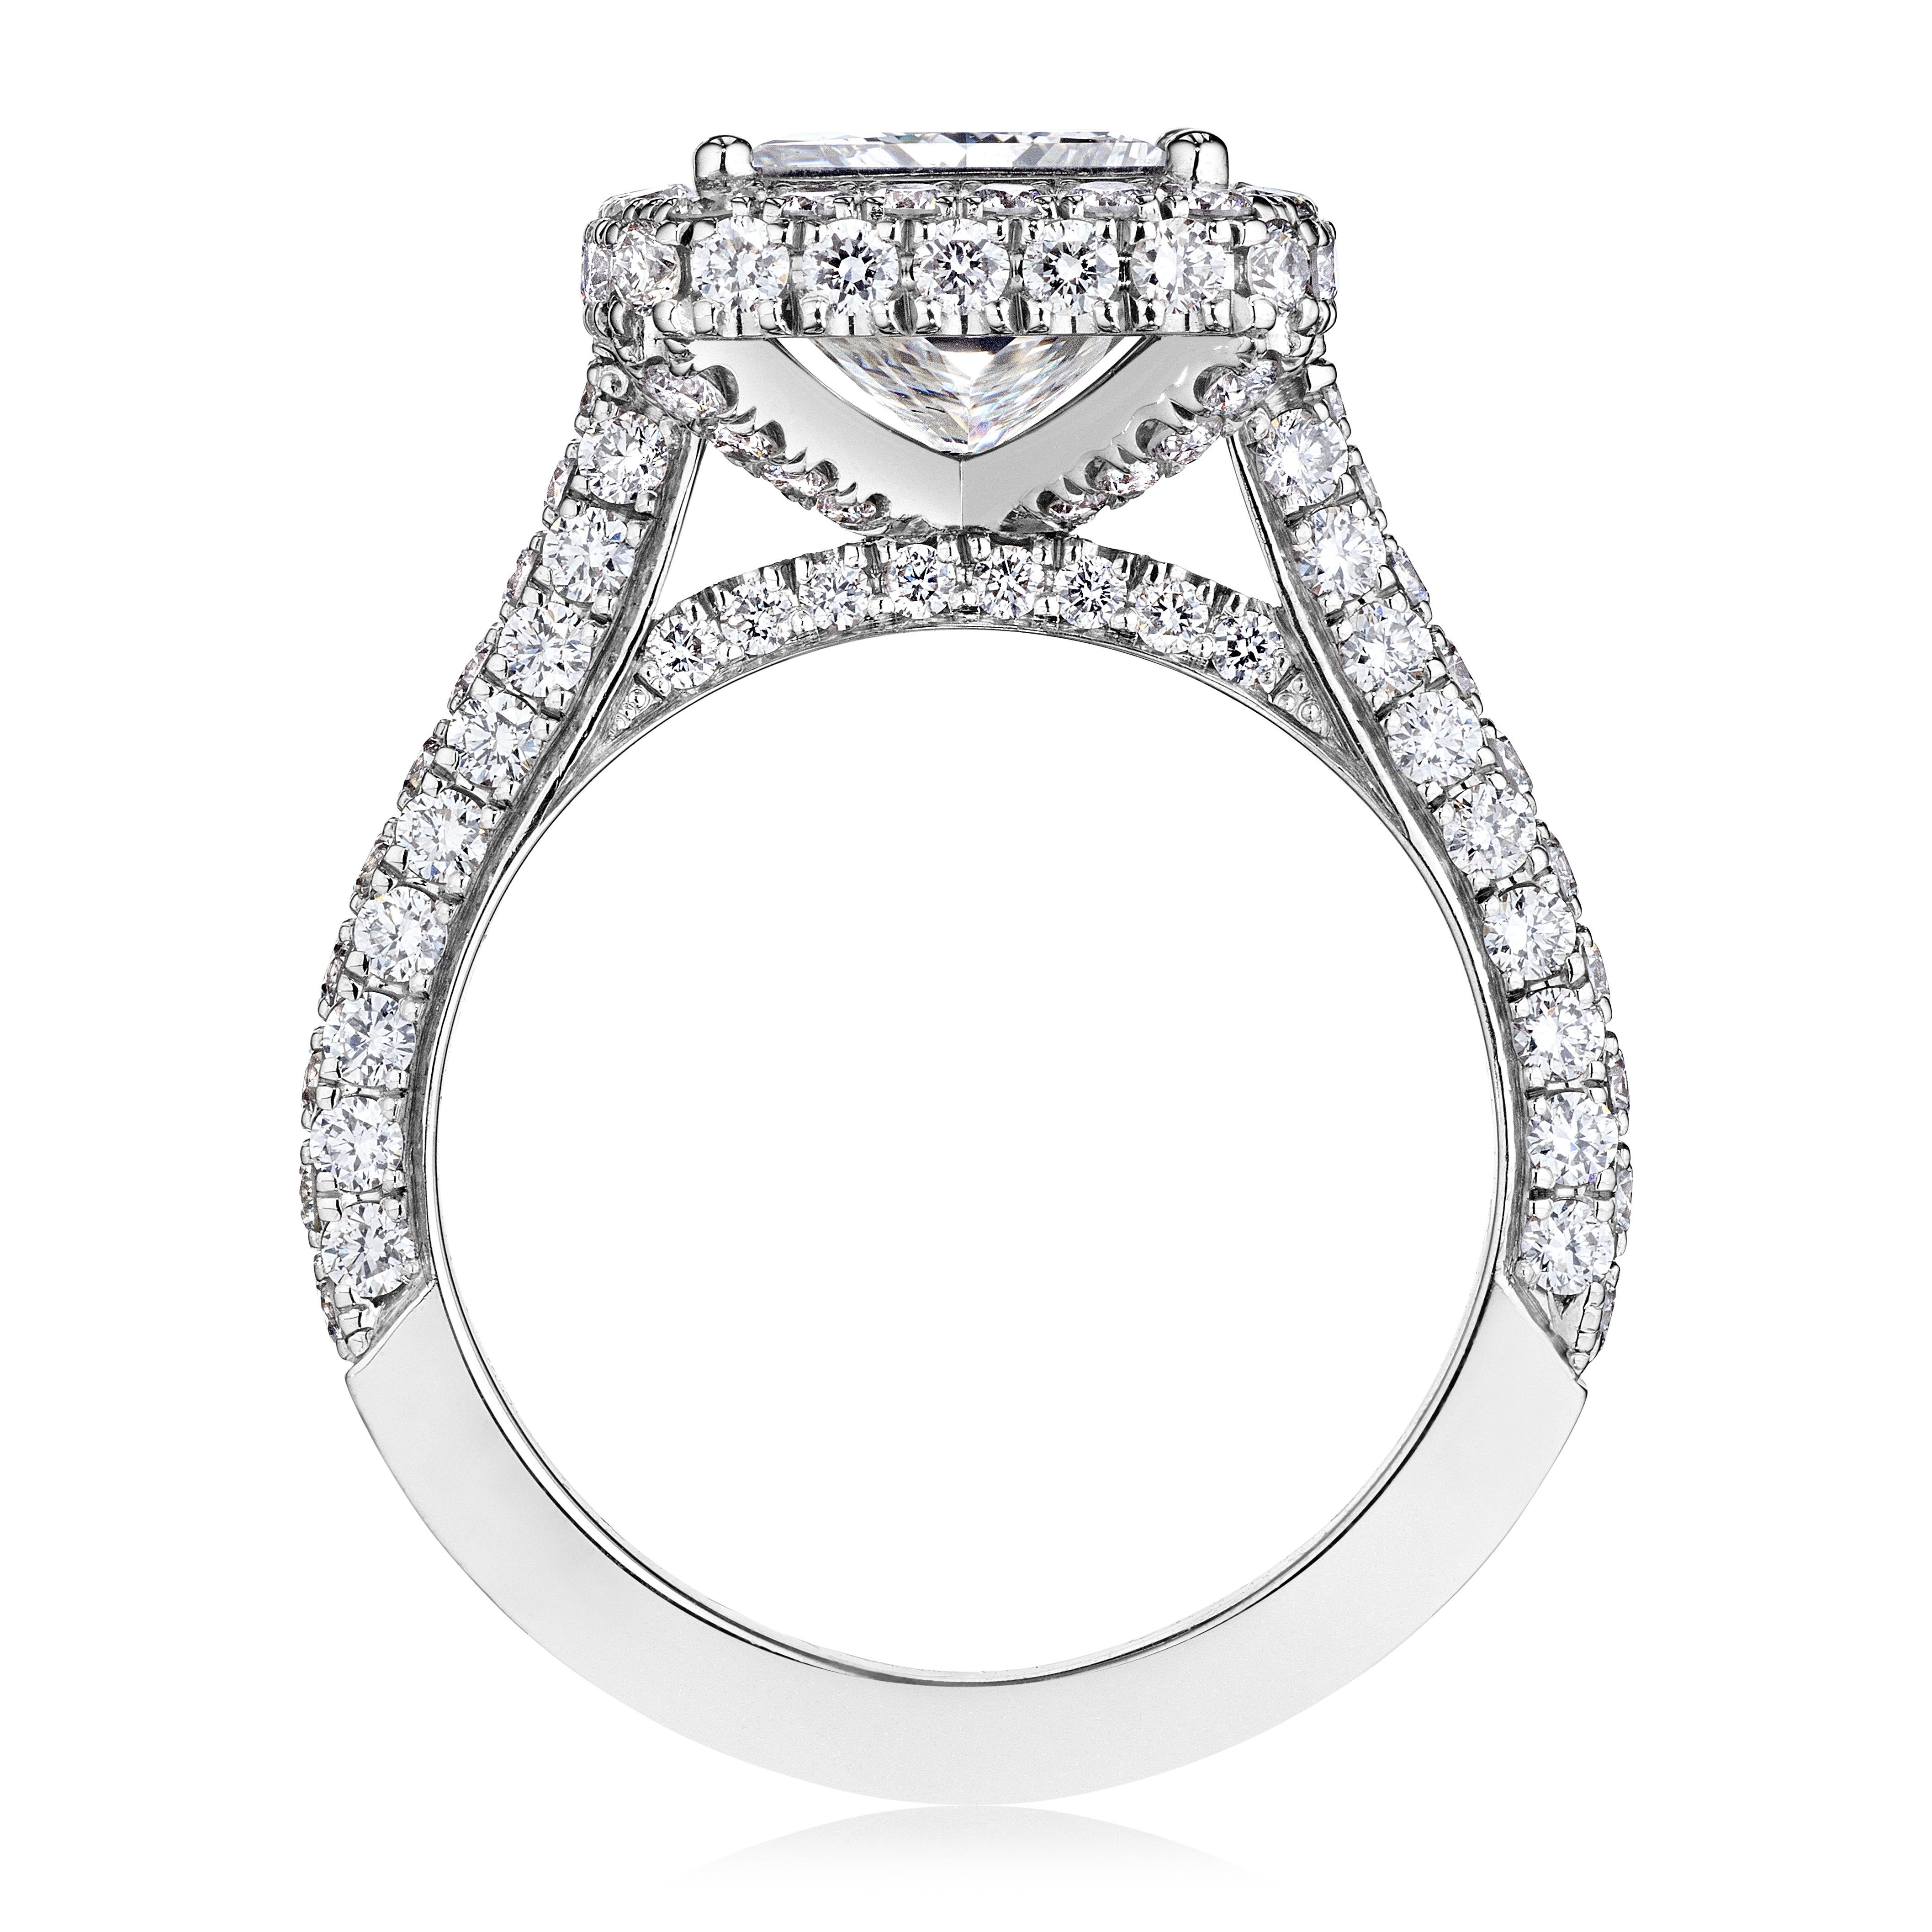 Amani Image 3 Forever Diamonds New York, NY